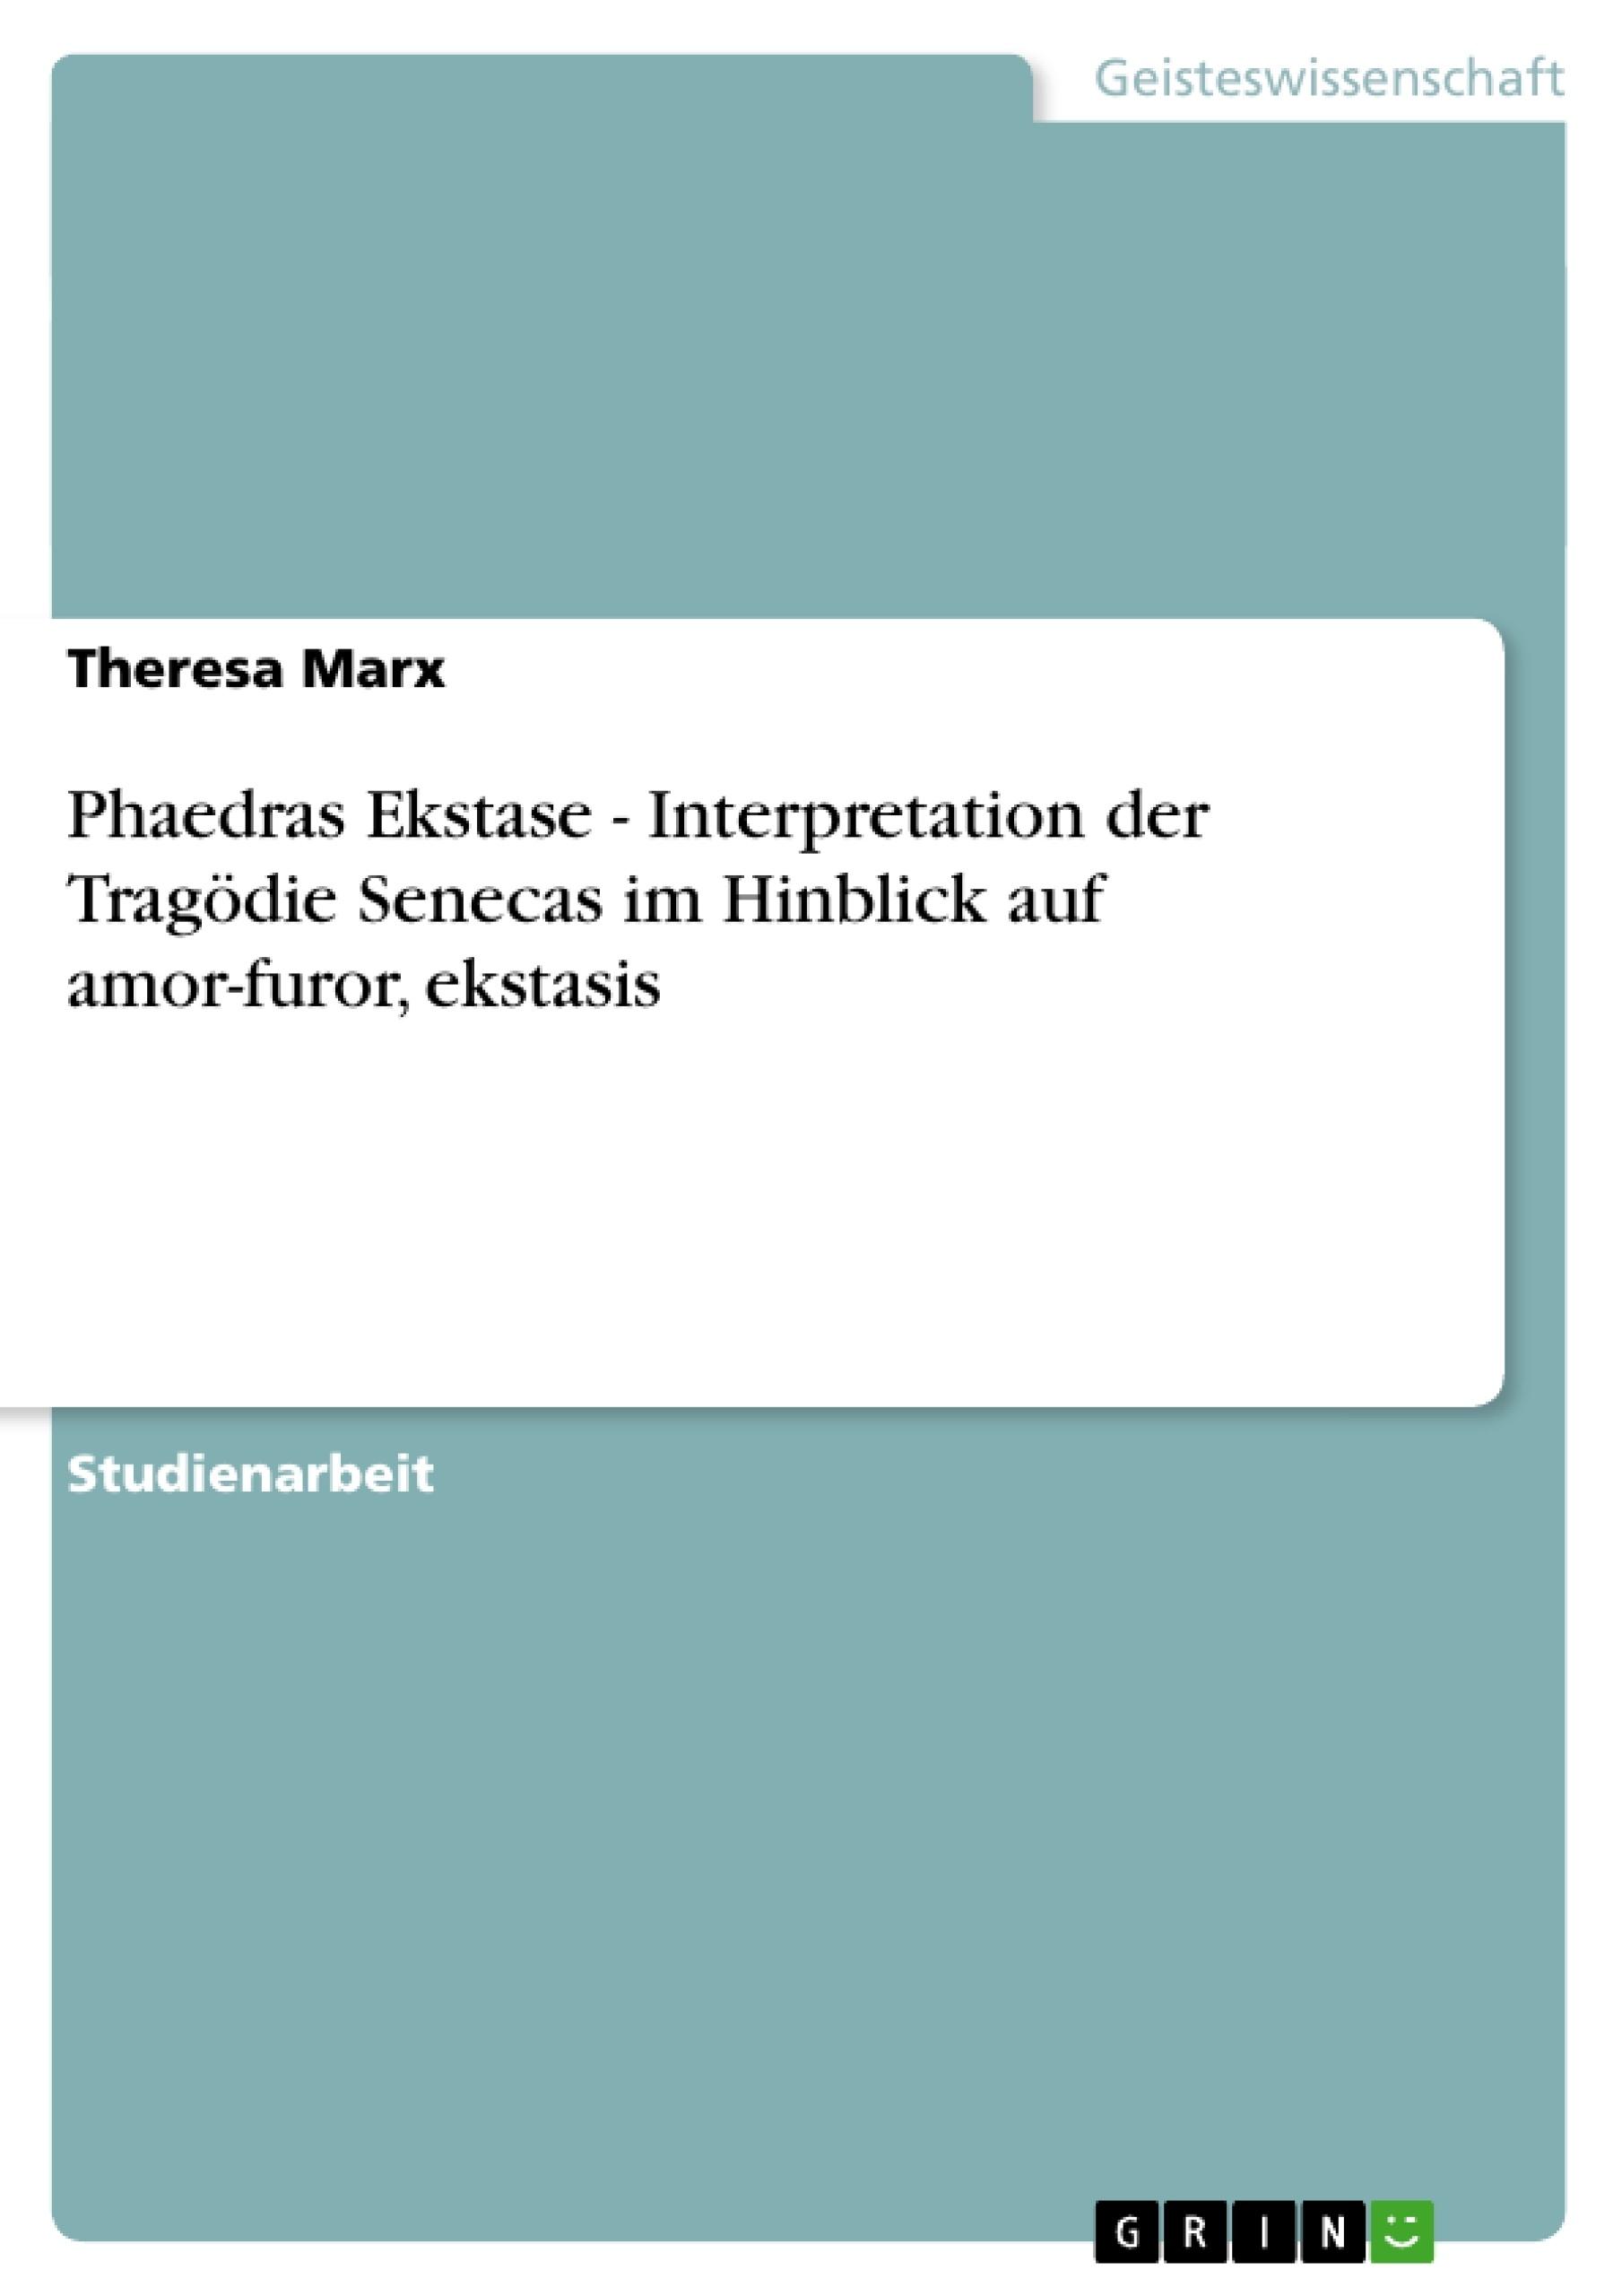 Titel: Phaedras Ekstase - Interpretation der Tragödie Senecas im Hinblick auf amor-furor, ekstasis